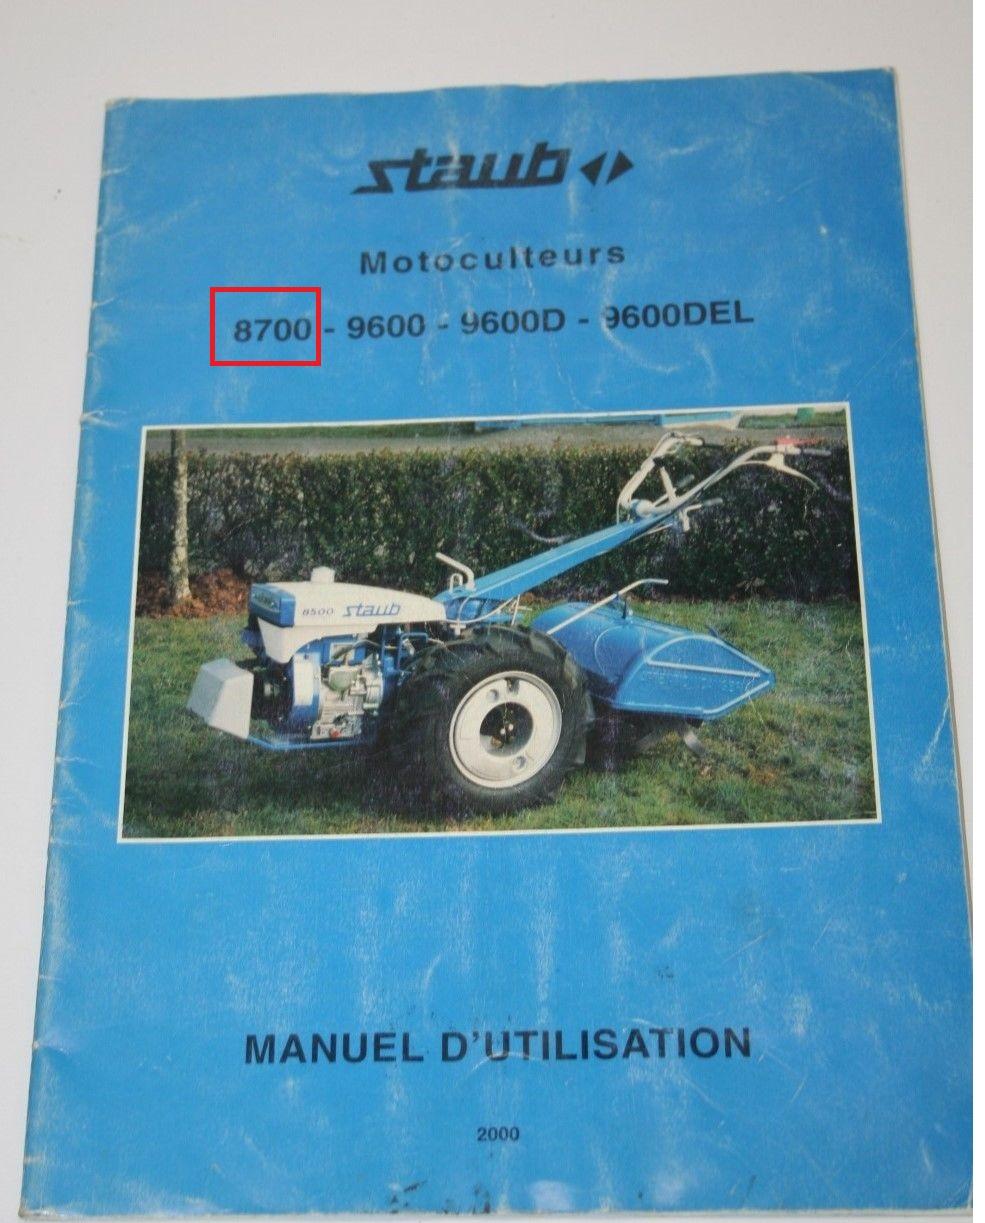 embraye staub 8700 S-l16010